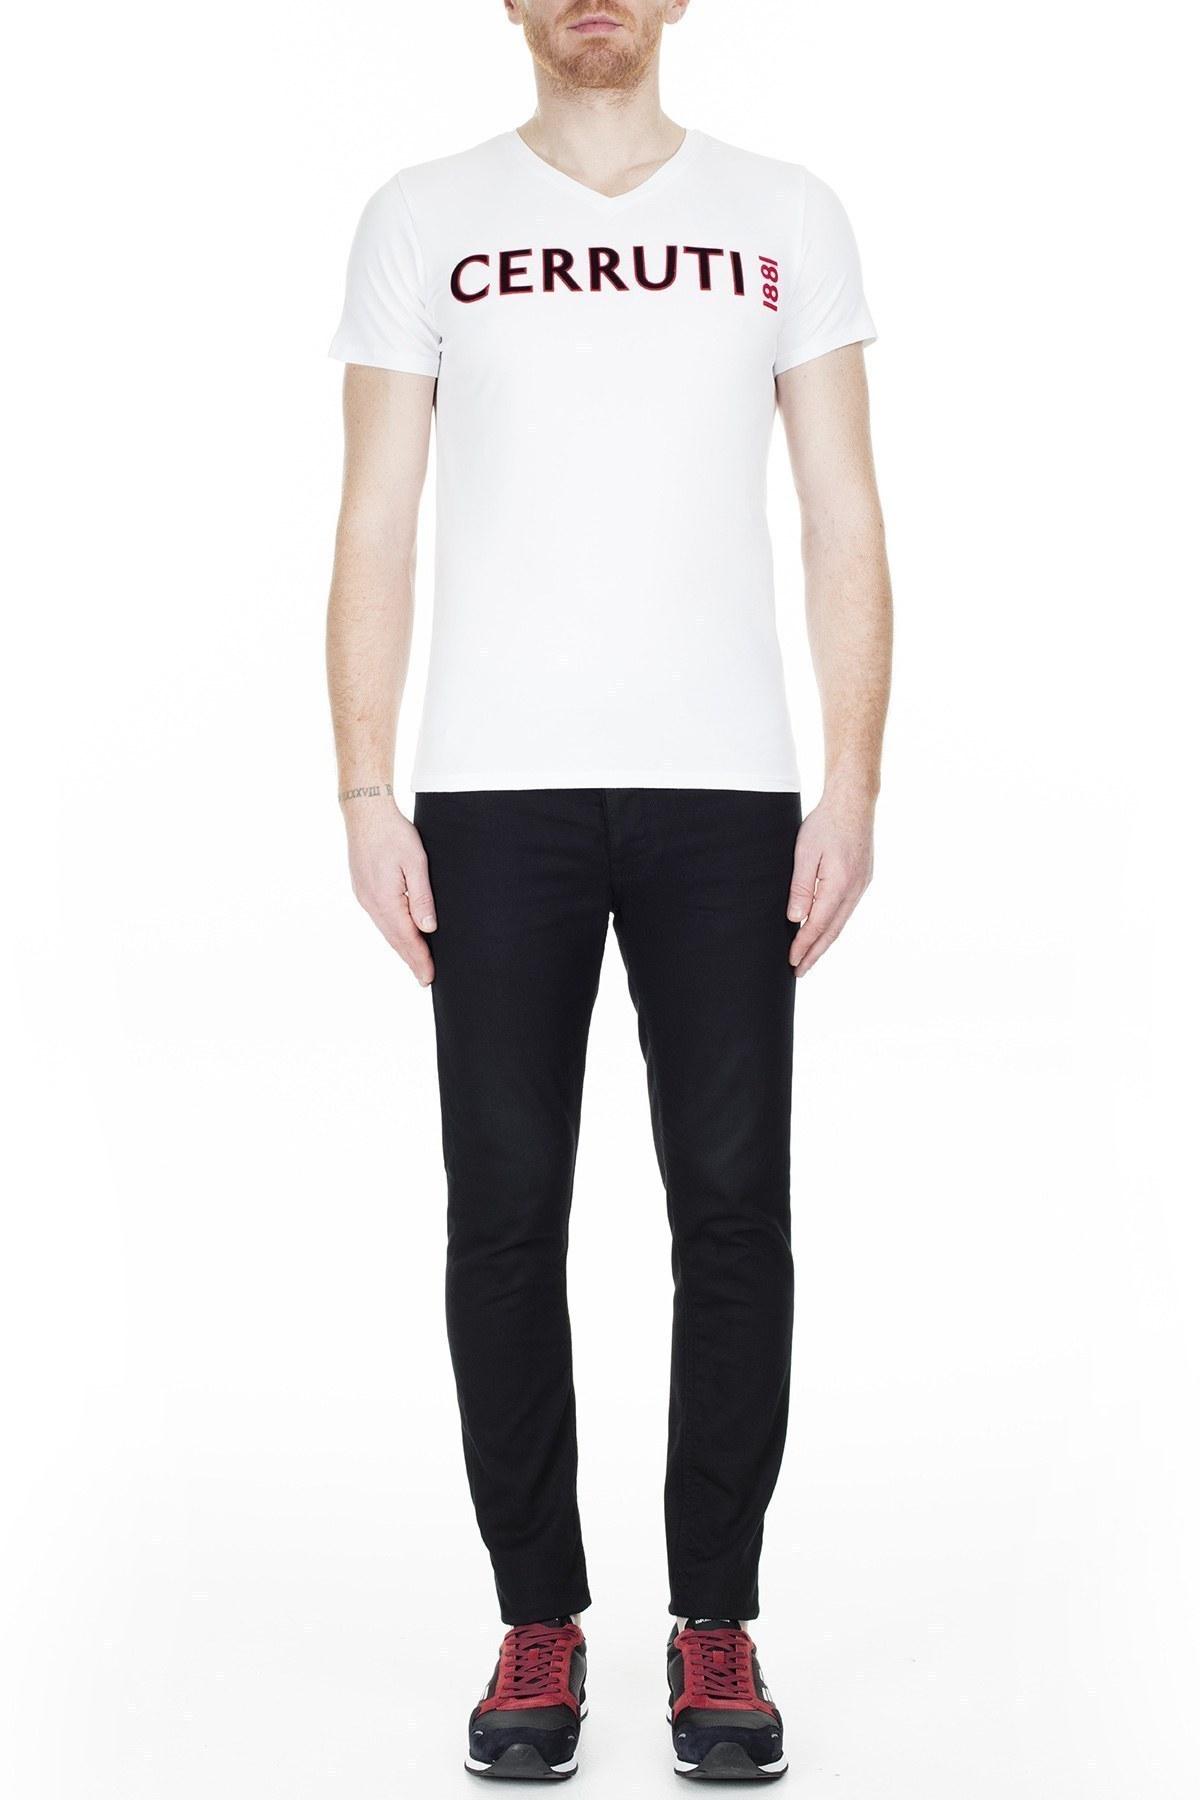 Cerruti 1881 Erkek T Shirt 203-001645 BEYAZ